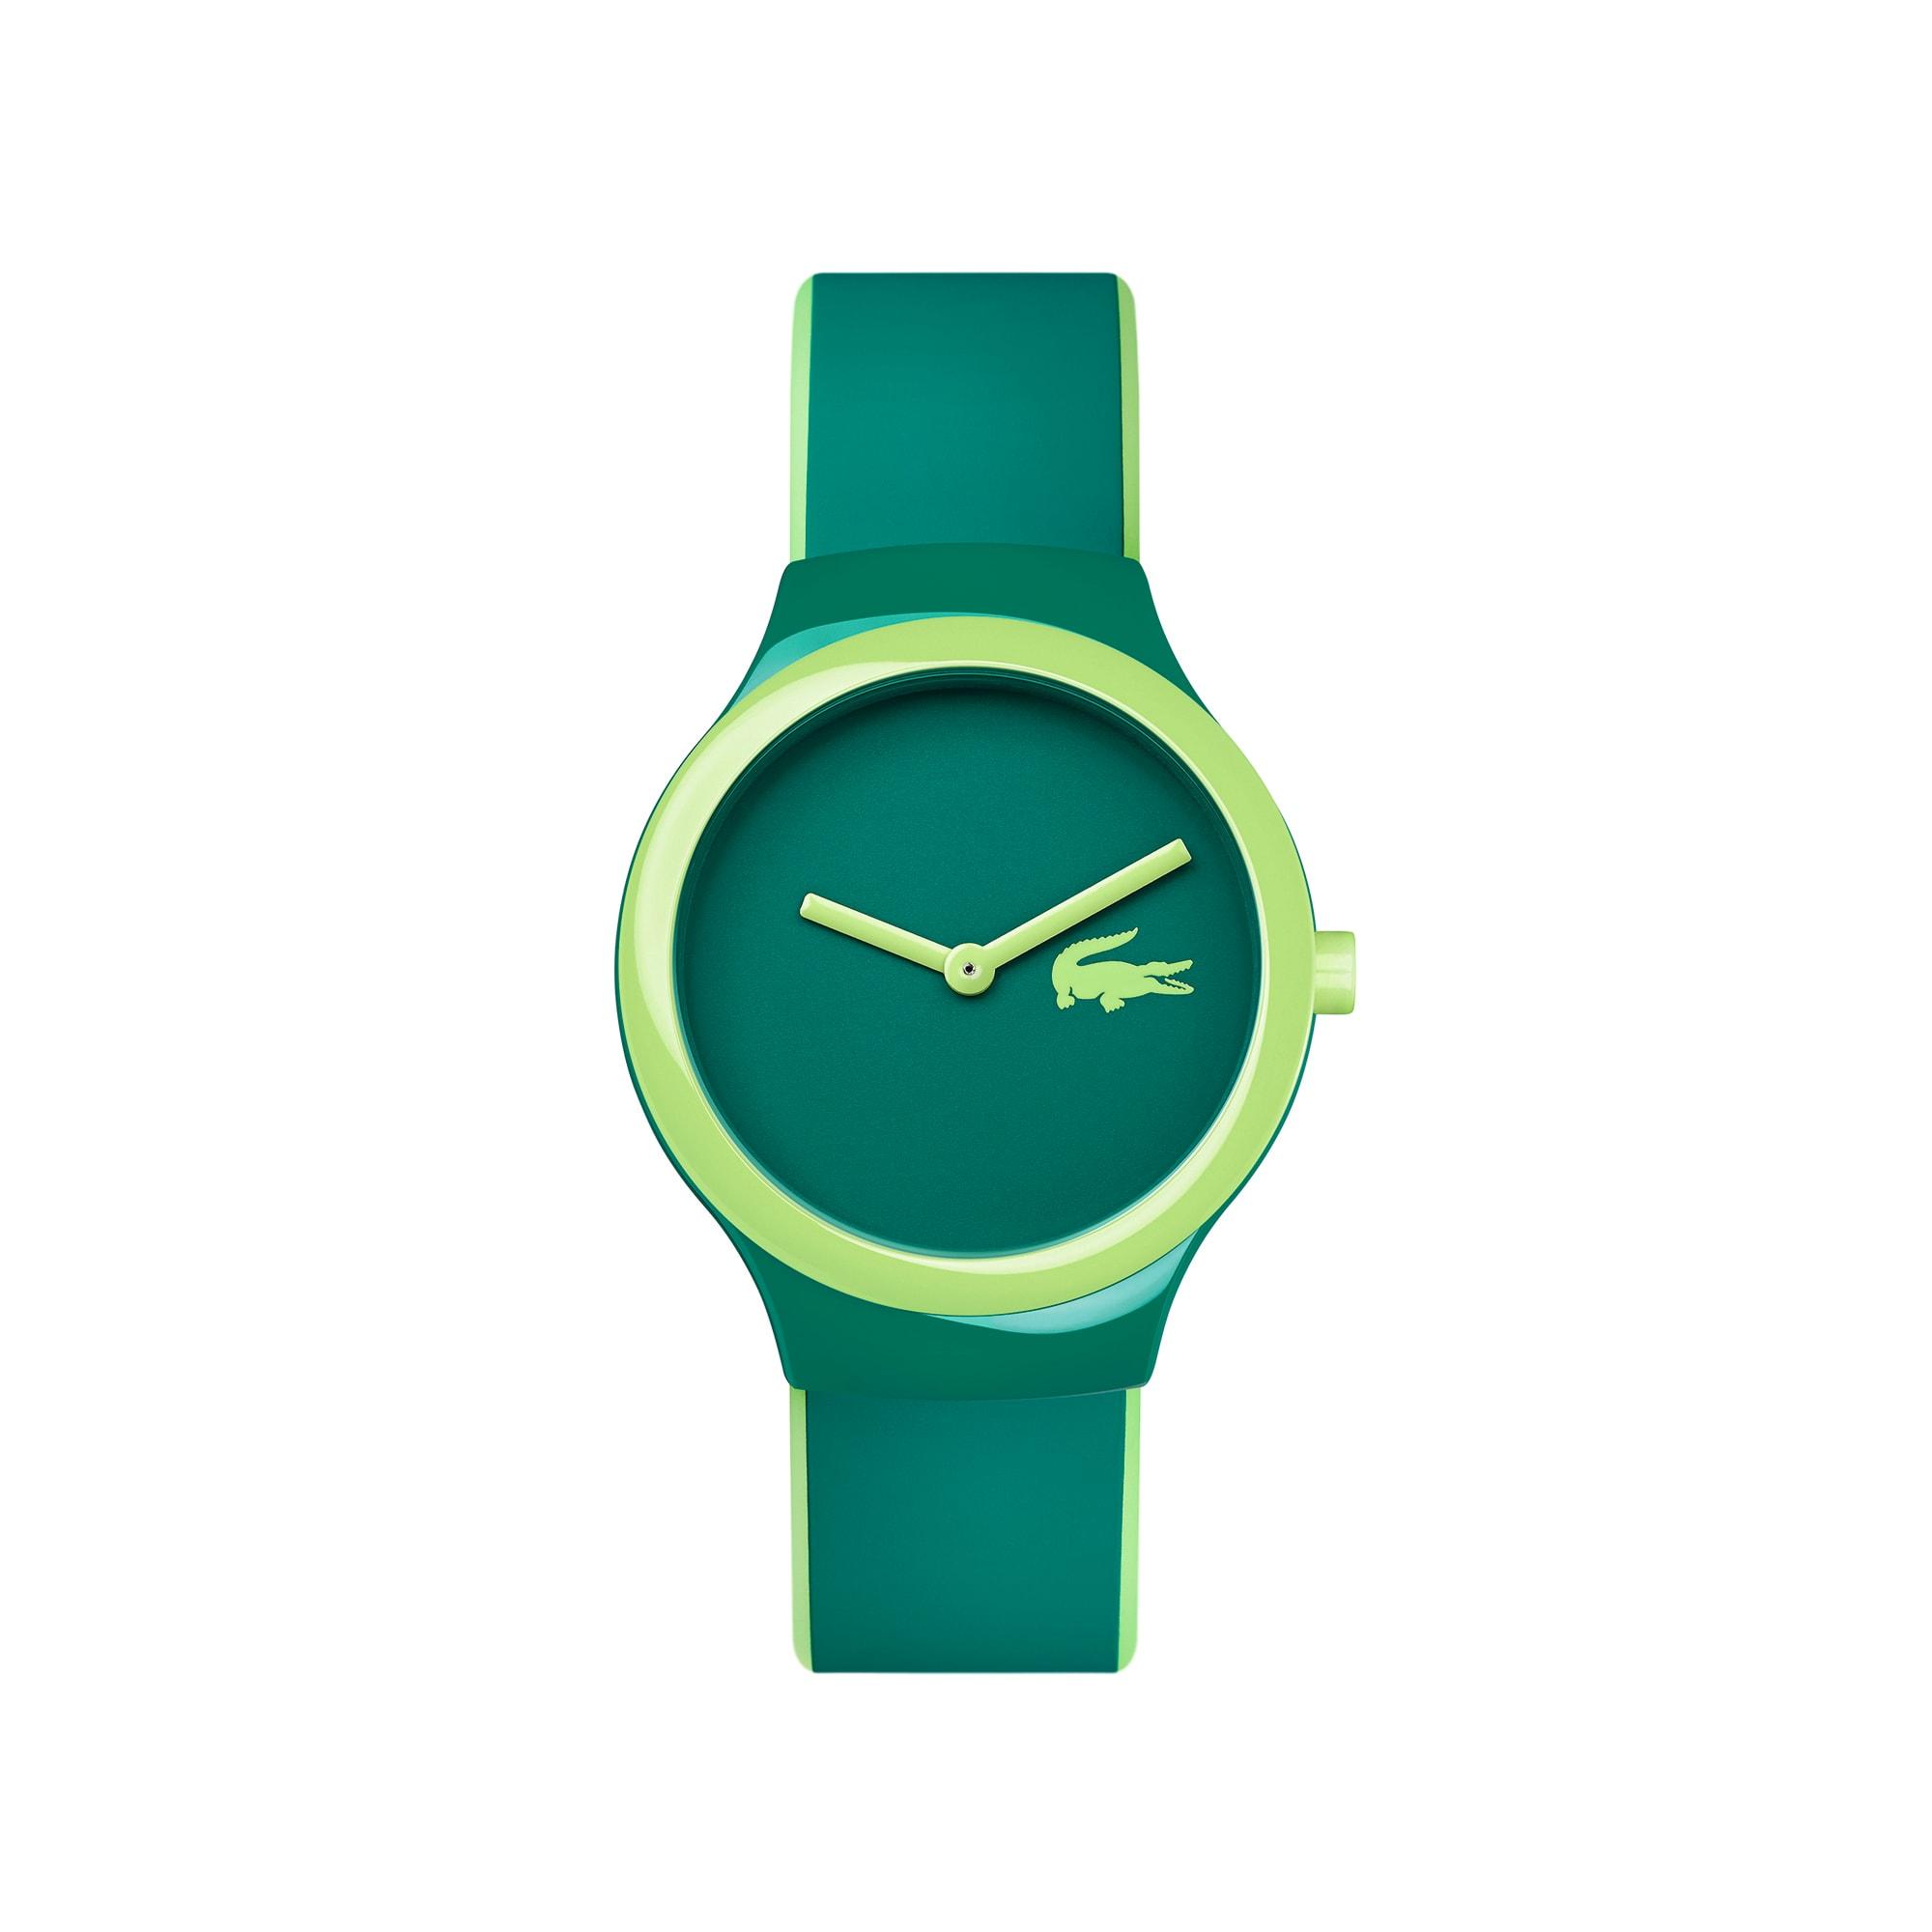 Montre Goa new verte foncé et verte clair